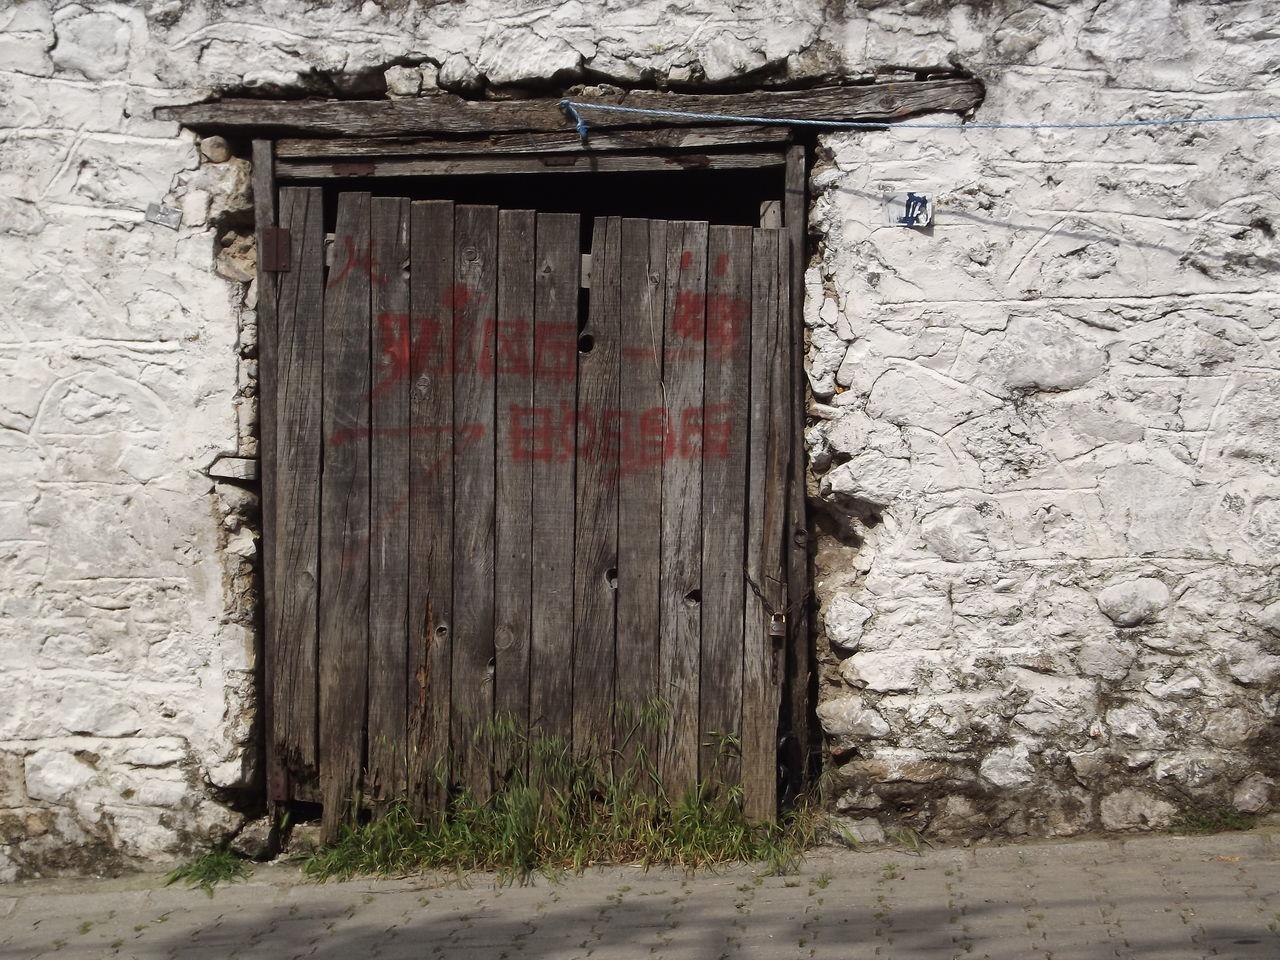 Wooden Door Of Abandoned Building